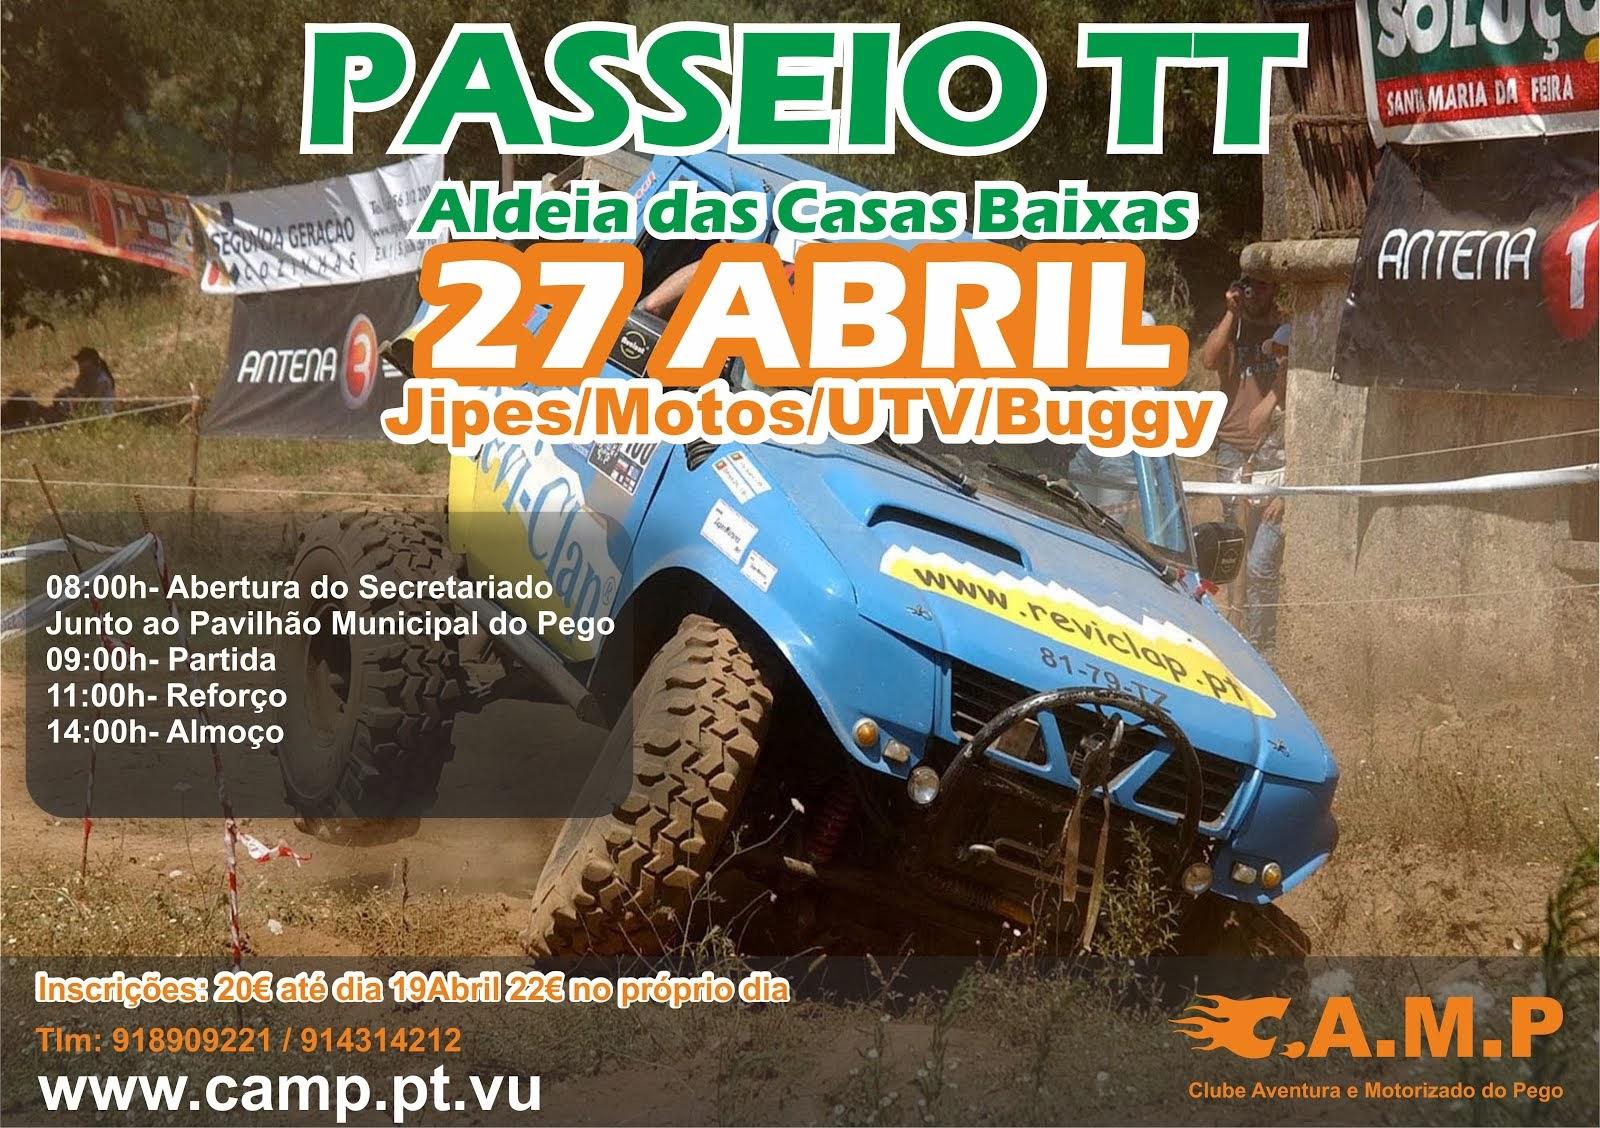 PASSEIO TT 2014